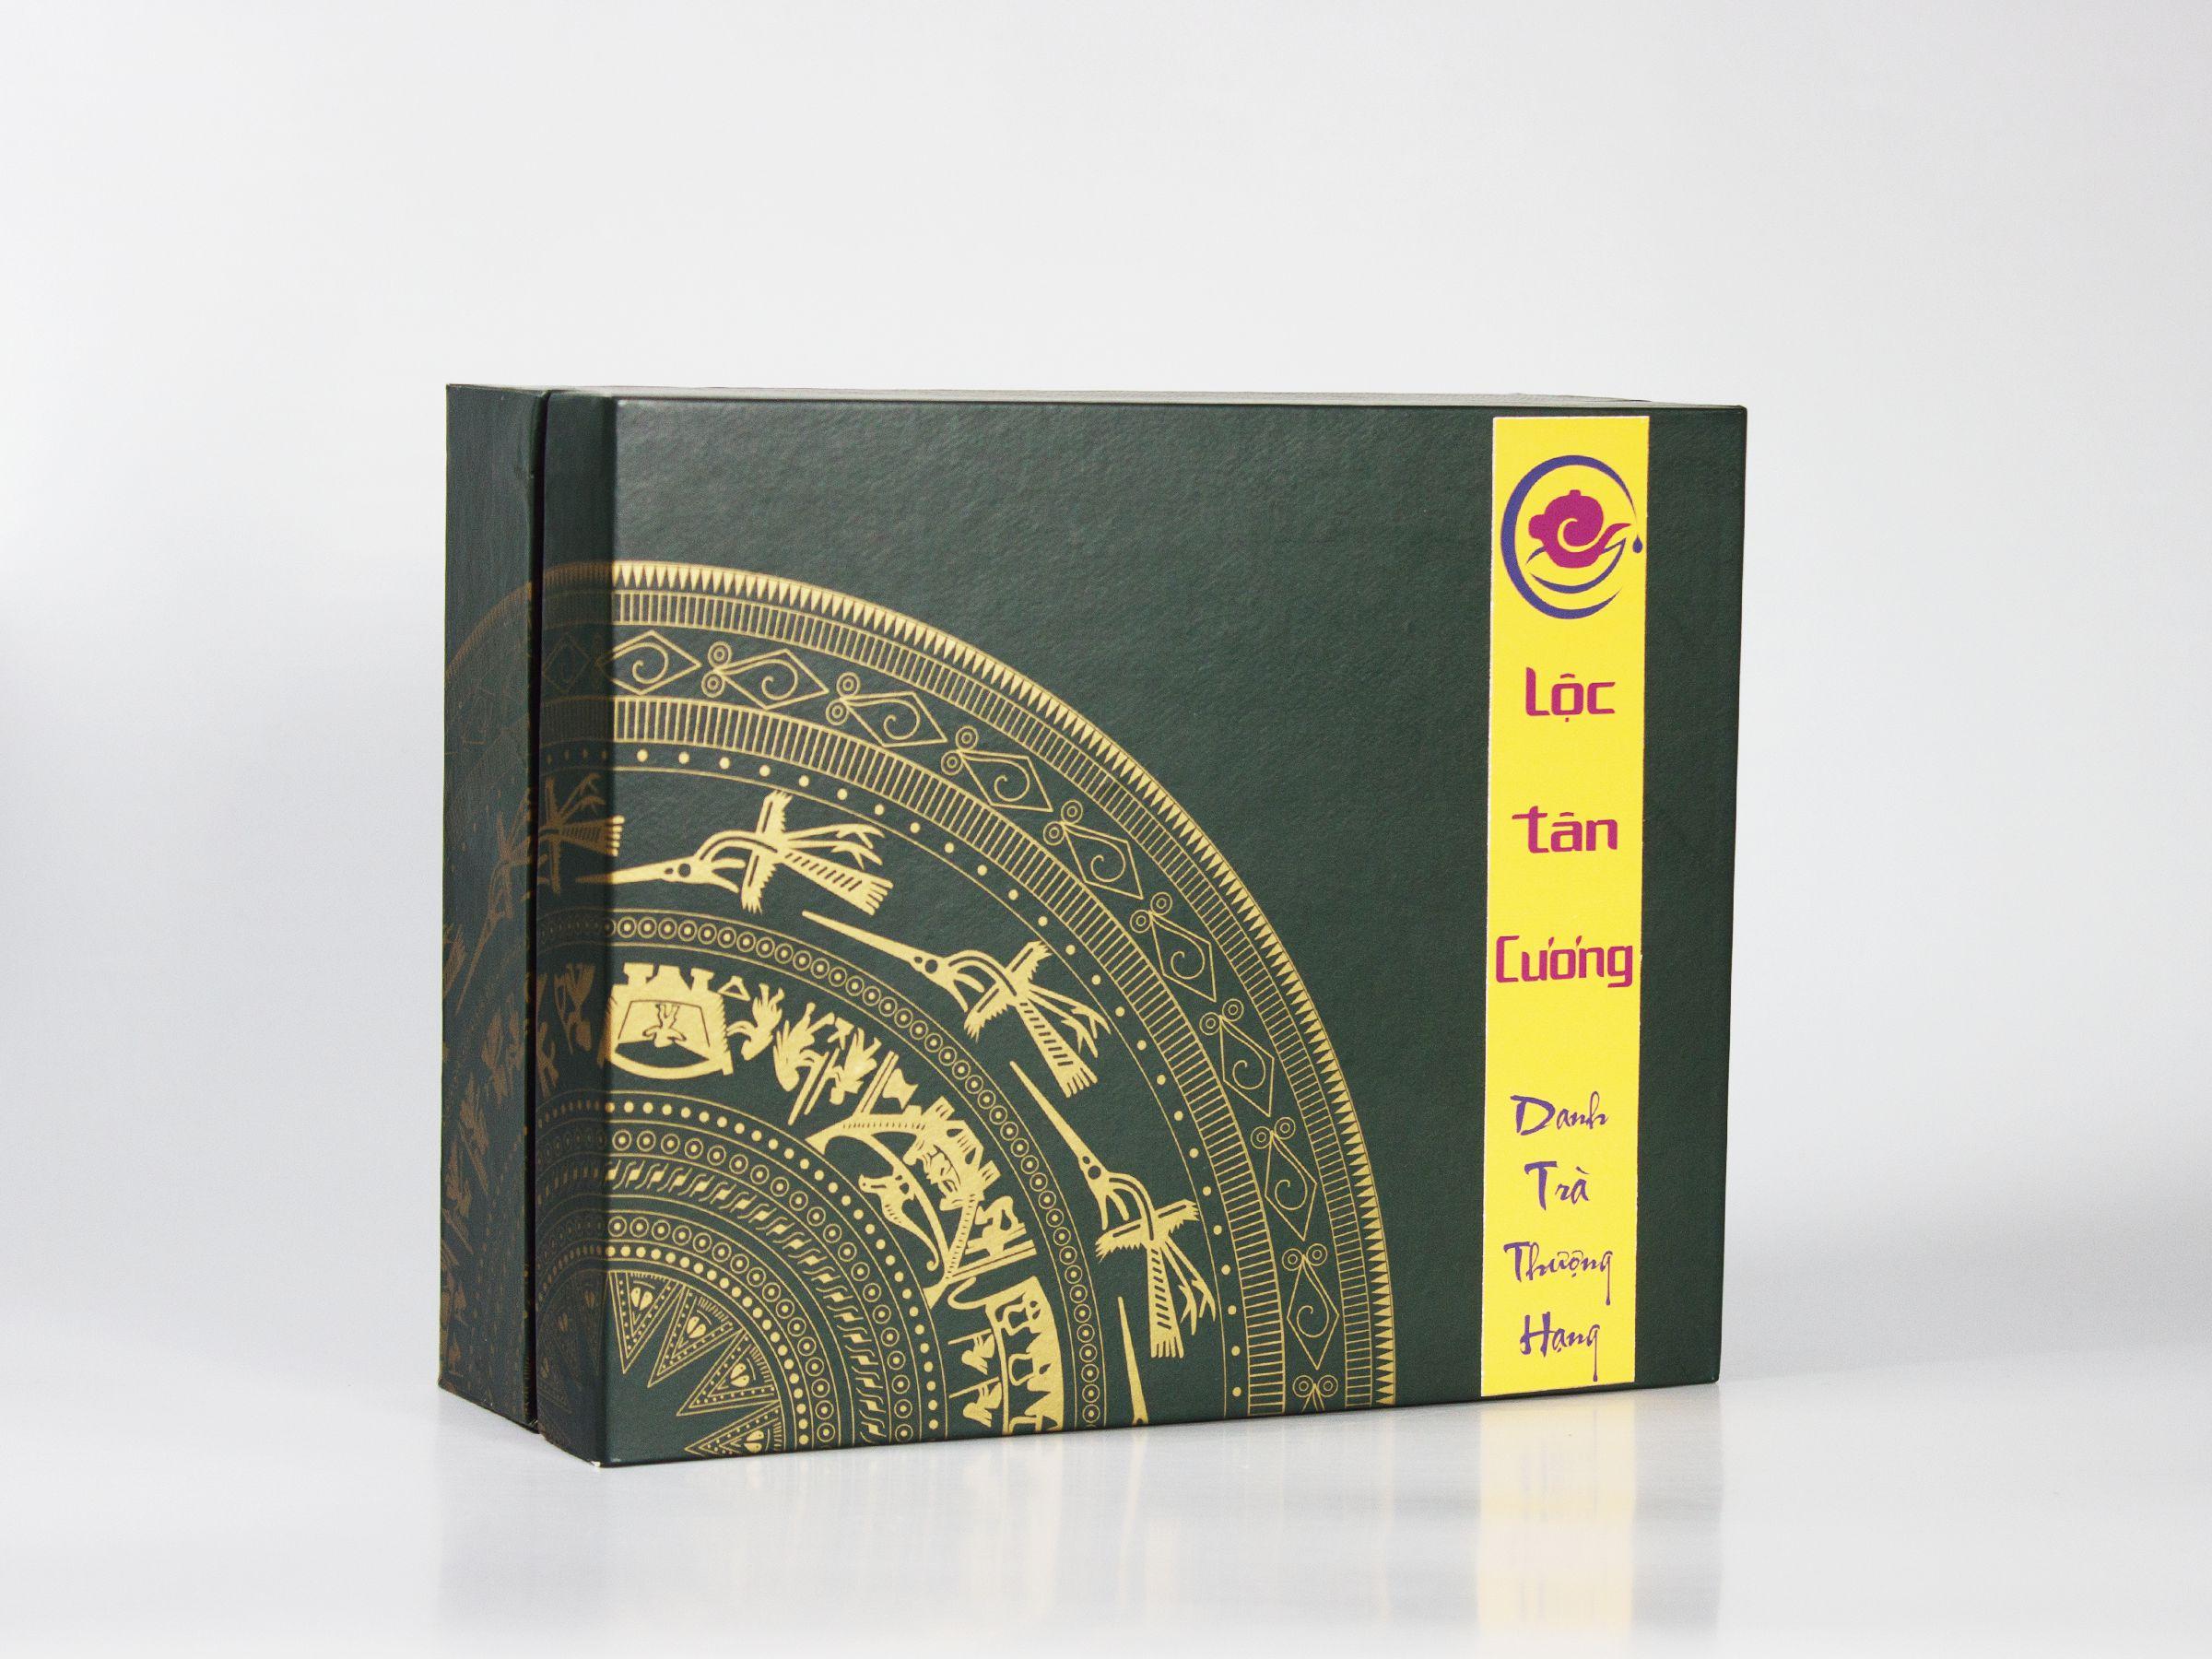 Hộp trà Truyền Thống - TRà Lài Thượng Hạng 200gr, tinh tế nhẹ nhàng, thể hiện văn hóa Việt Nam qua hình ảnh Trống Đồng cách điệu được in nhũ vàng